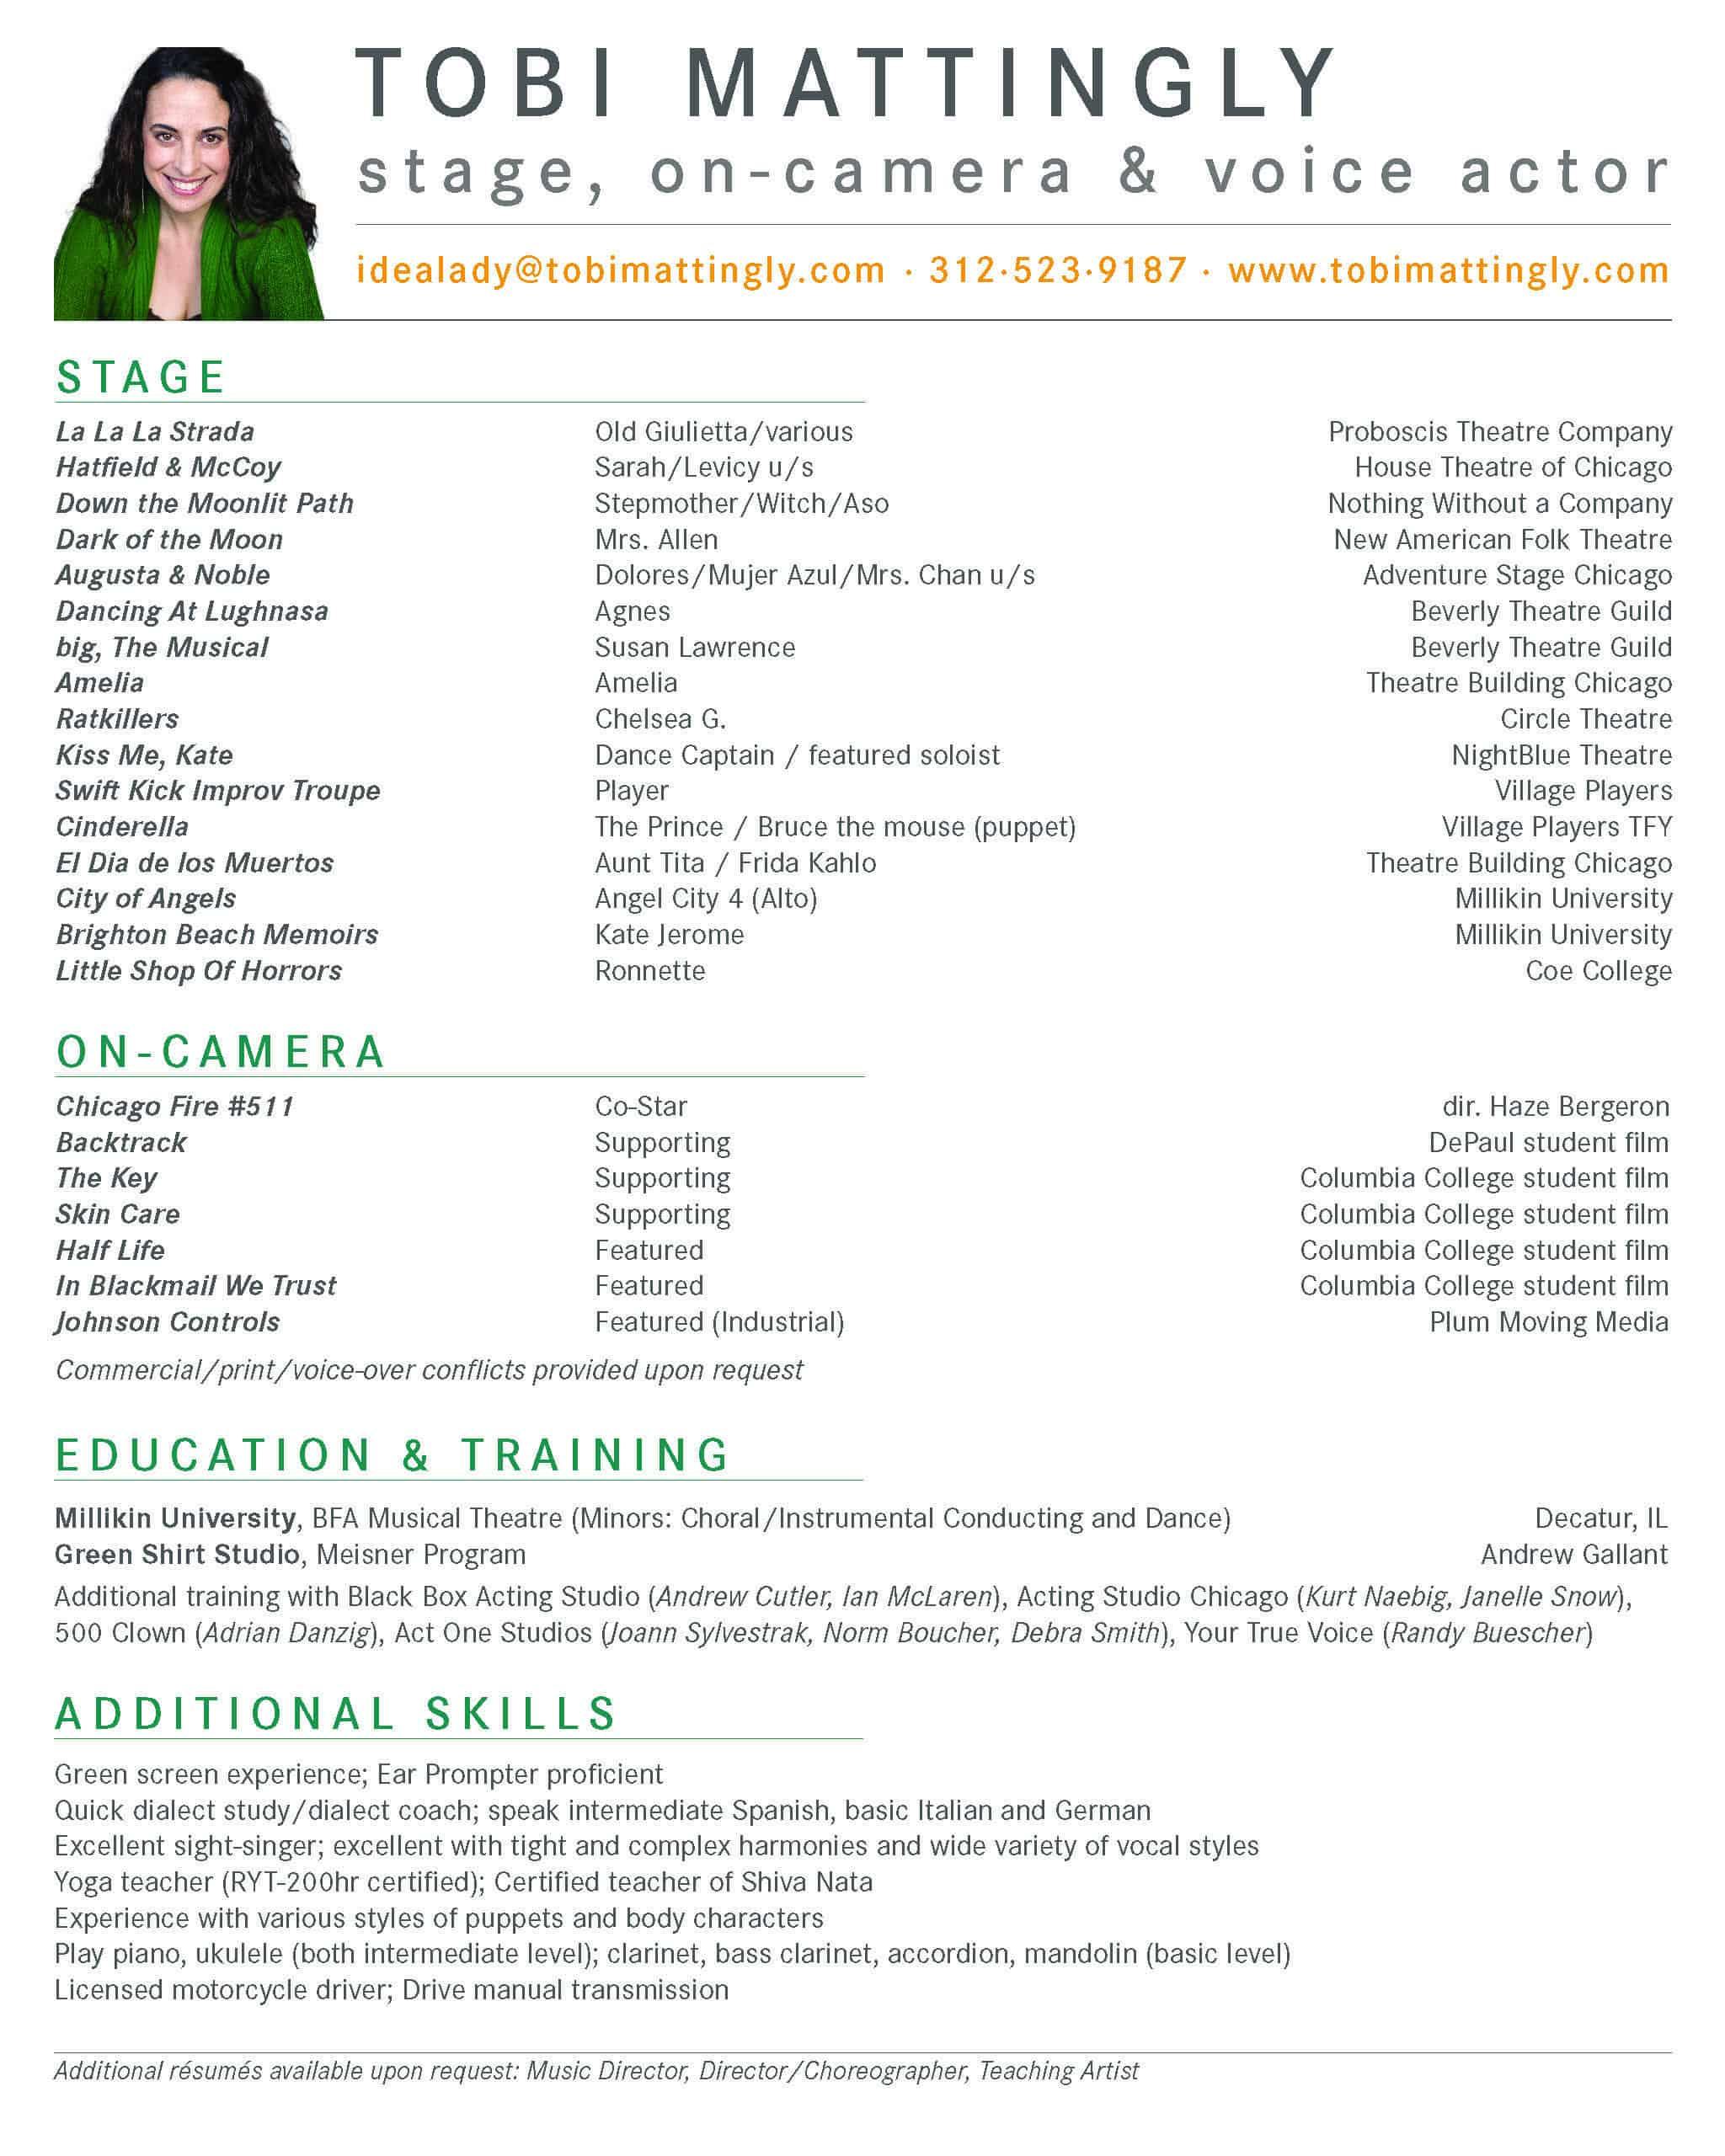 Tobi Mattingly Acting Résumé